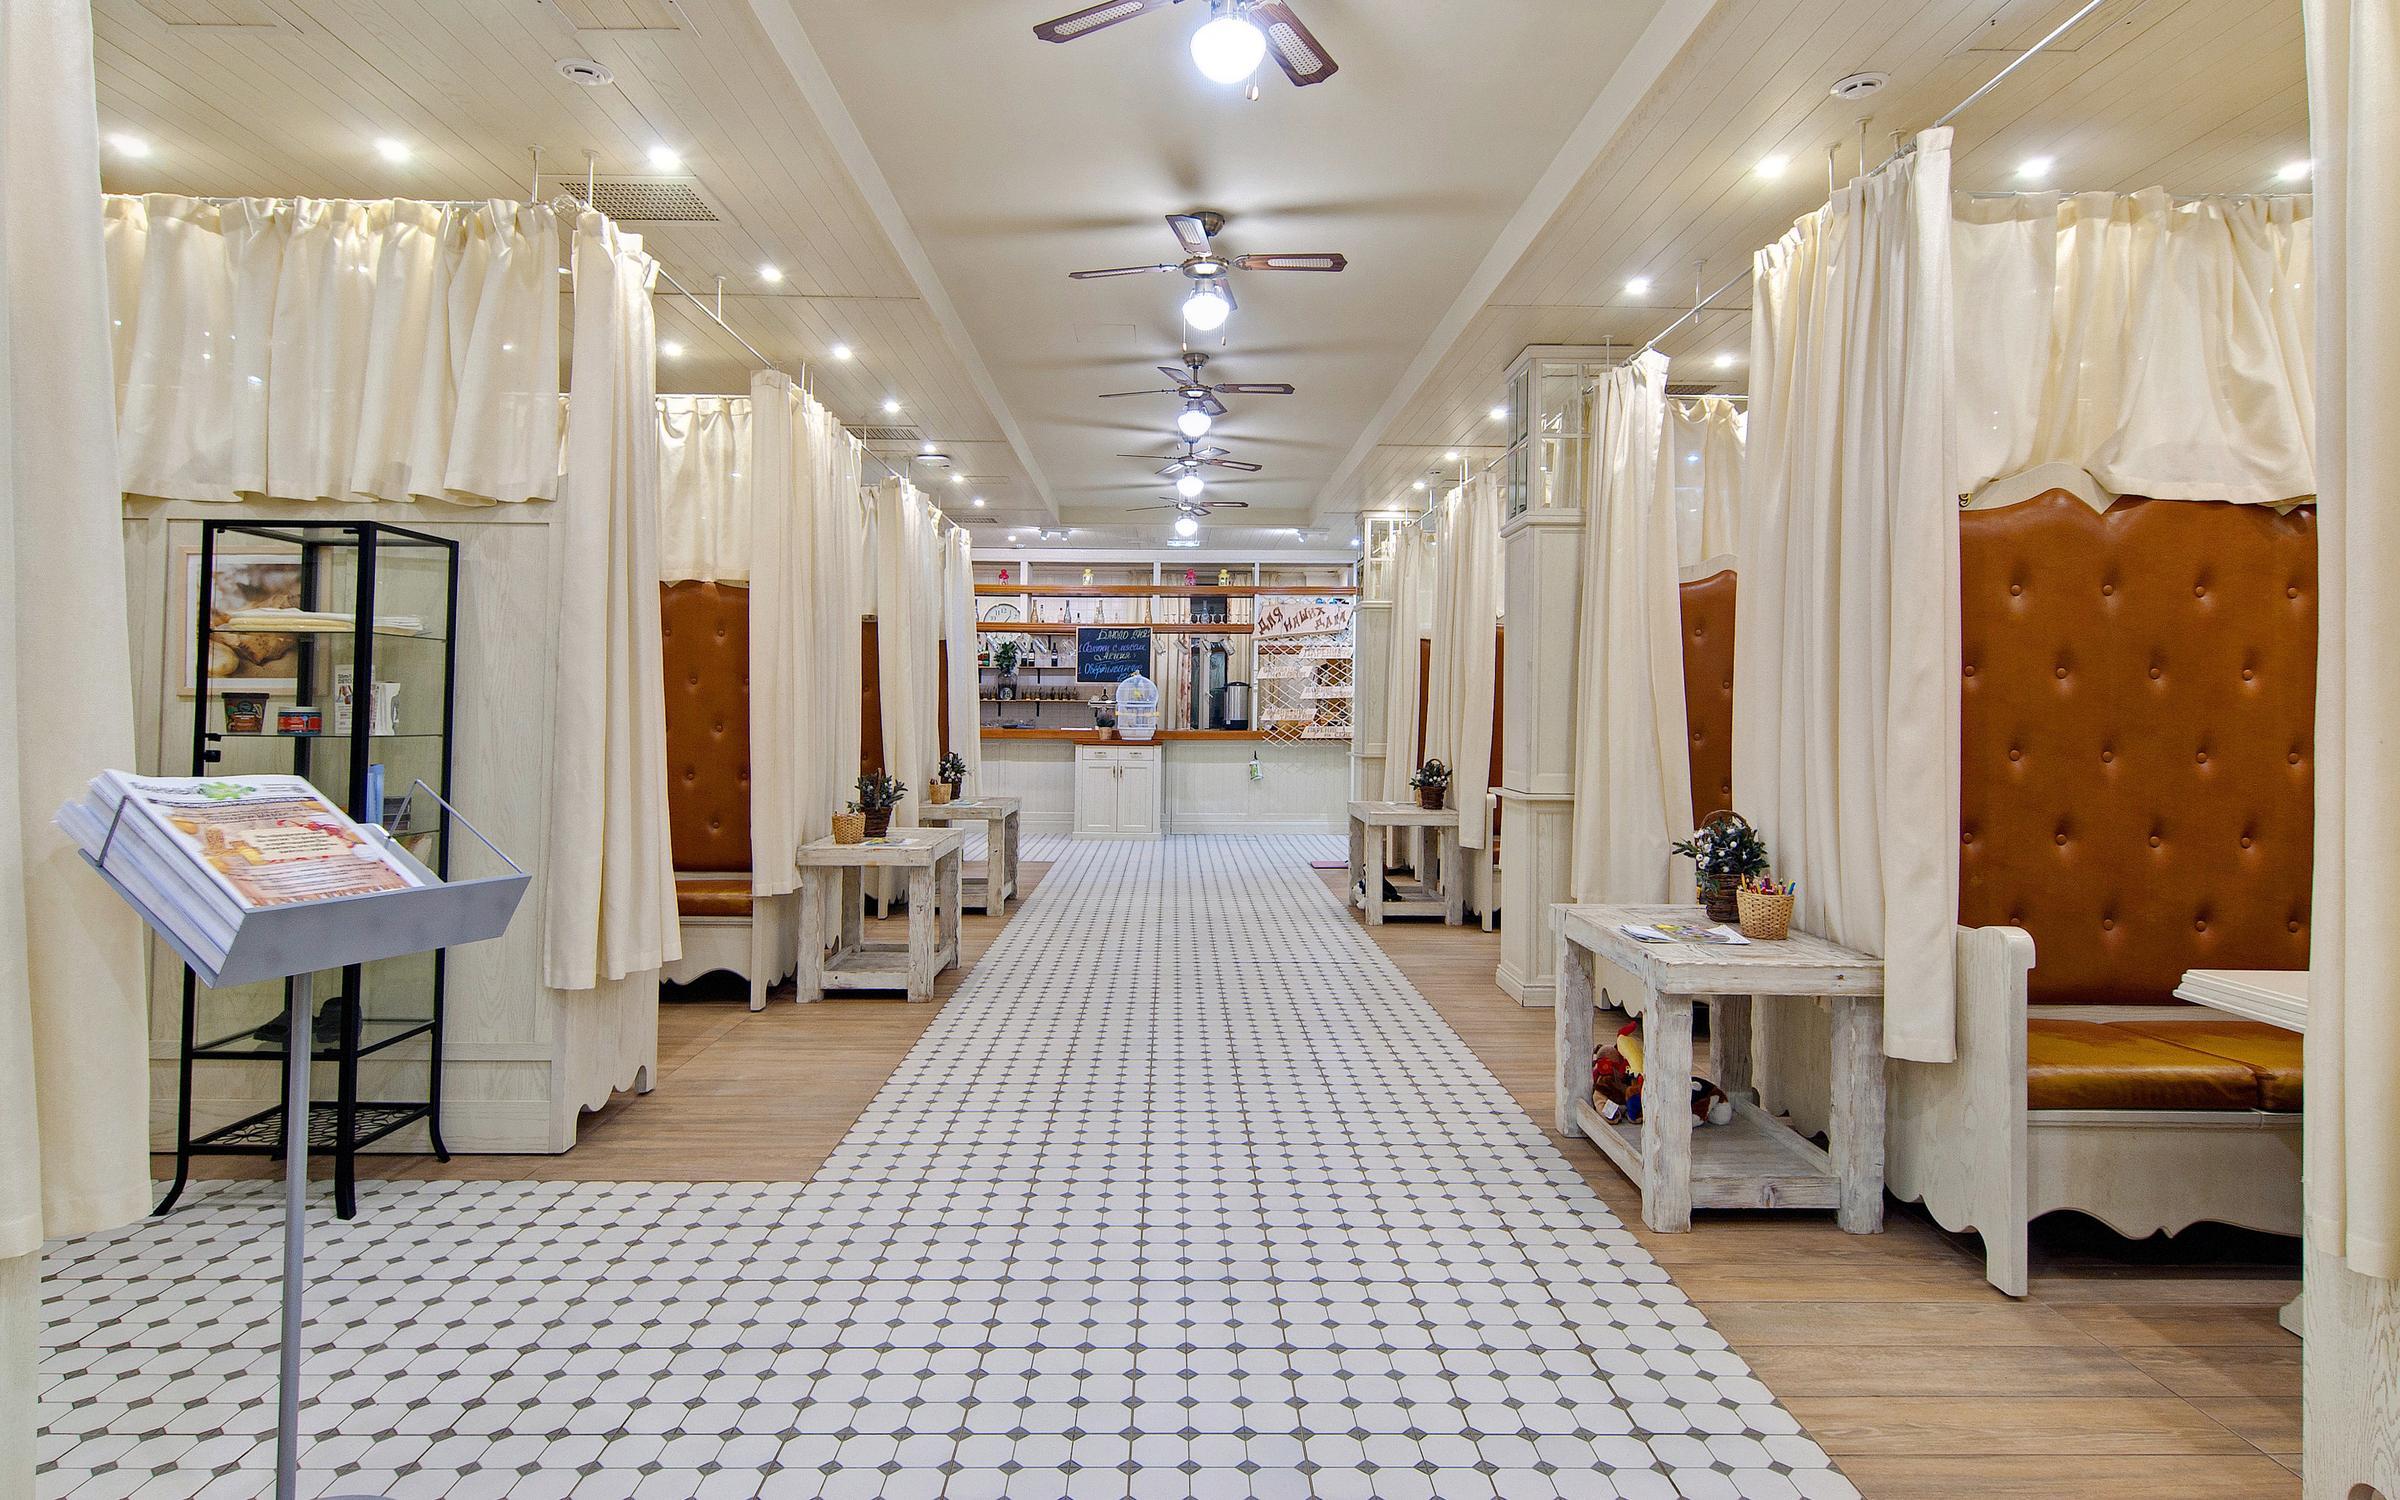 фотография Банного комплекса Рублевские бани на Советской улице